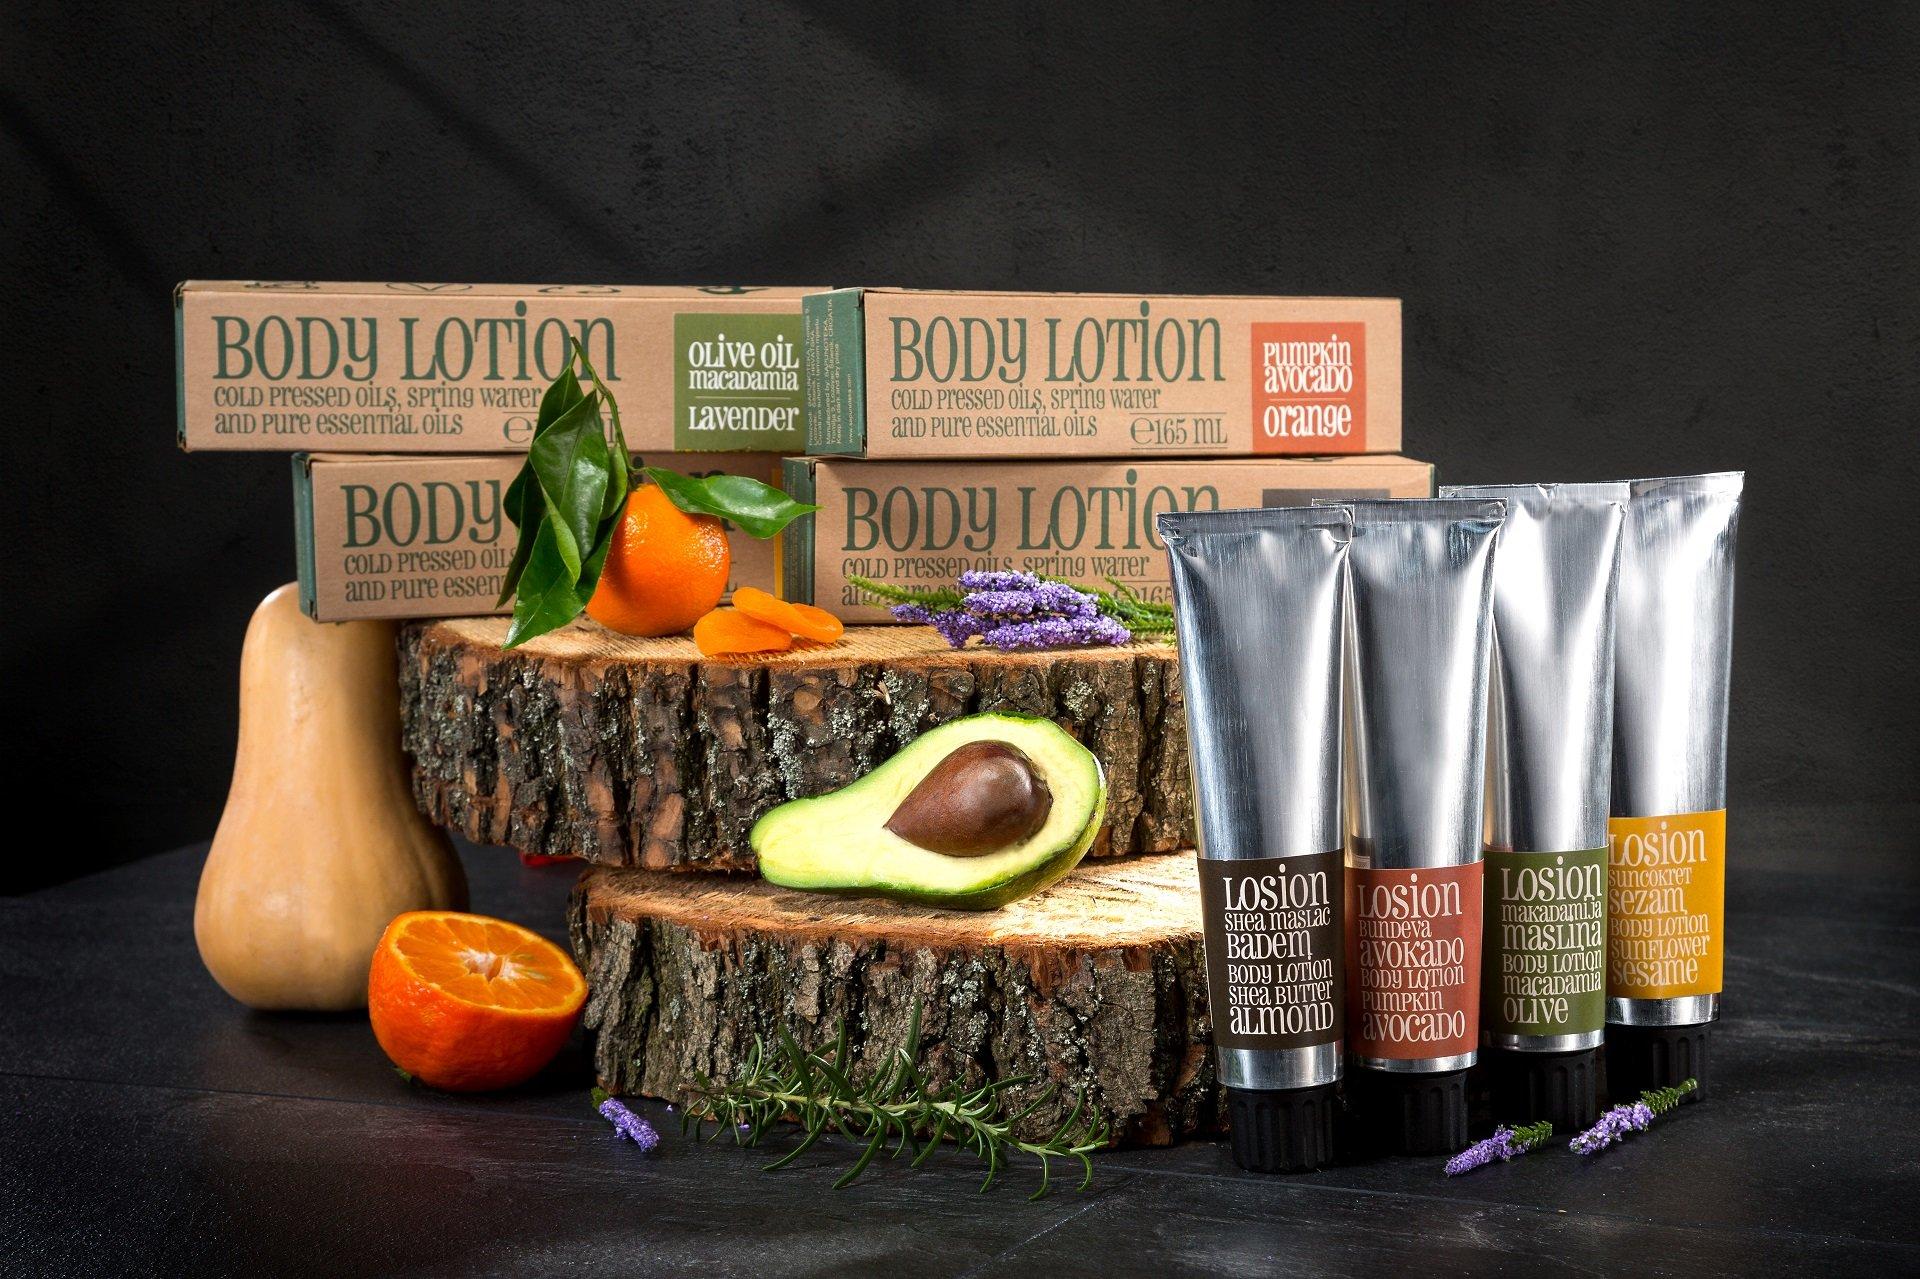 Sapunoteka, naturalne, wegańskie kosmetyki